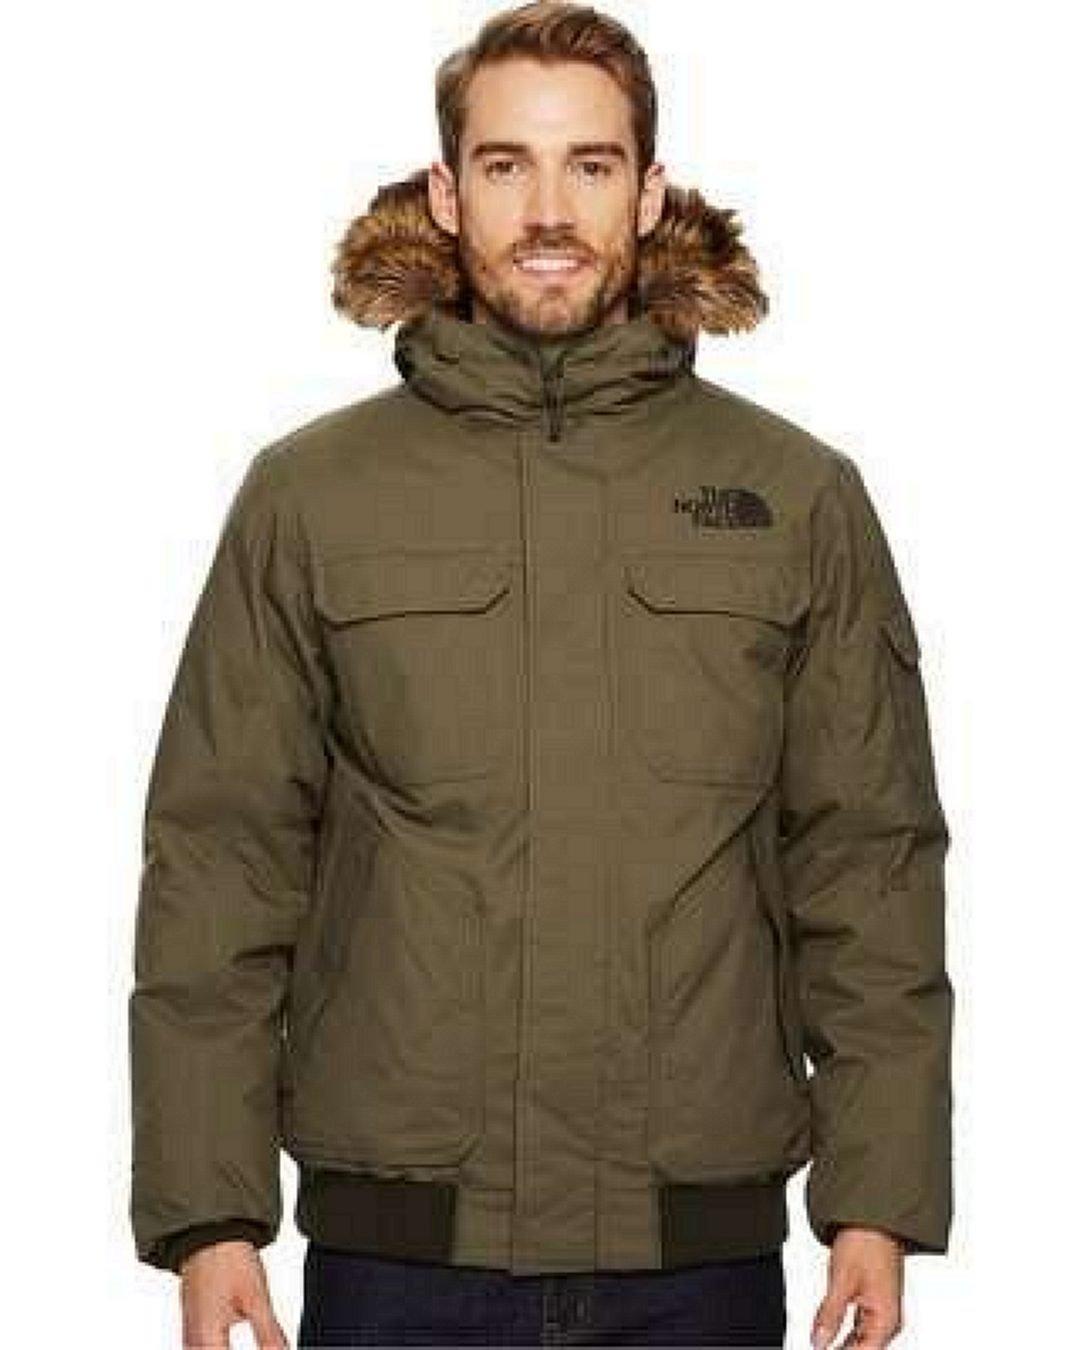 The NorthFace GOTHAM III Jacket